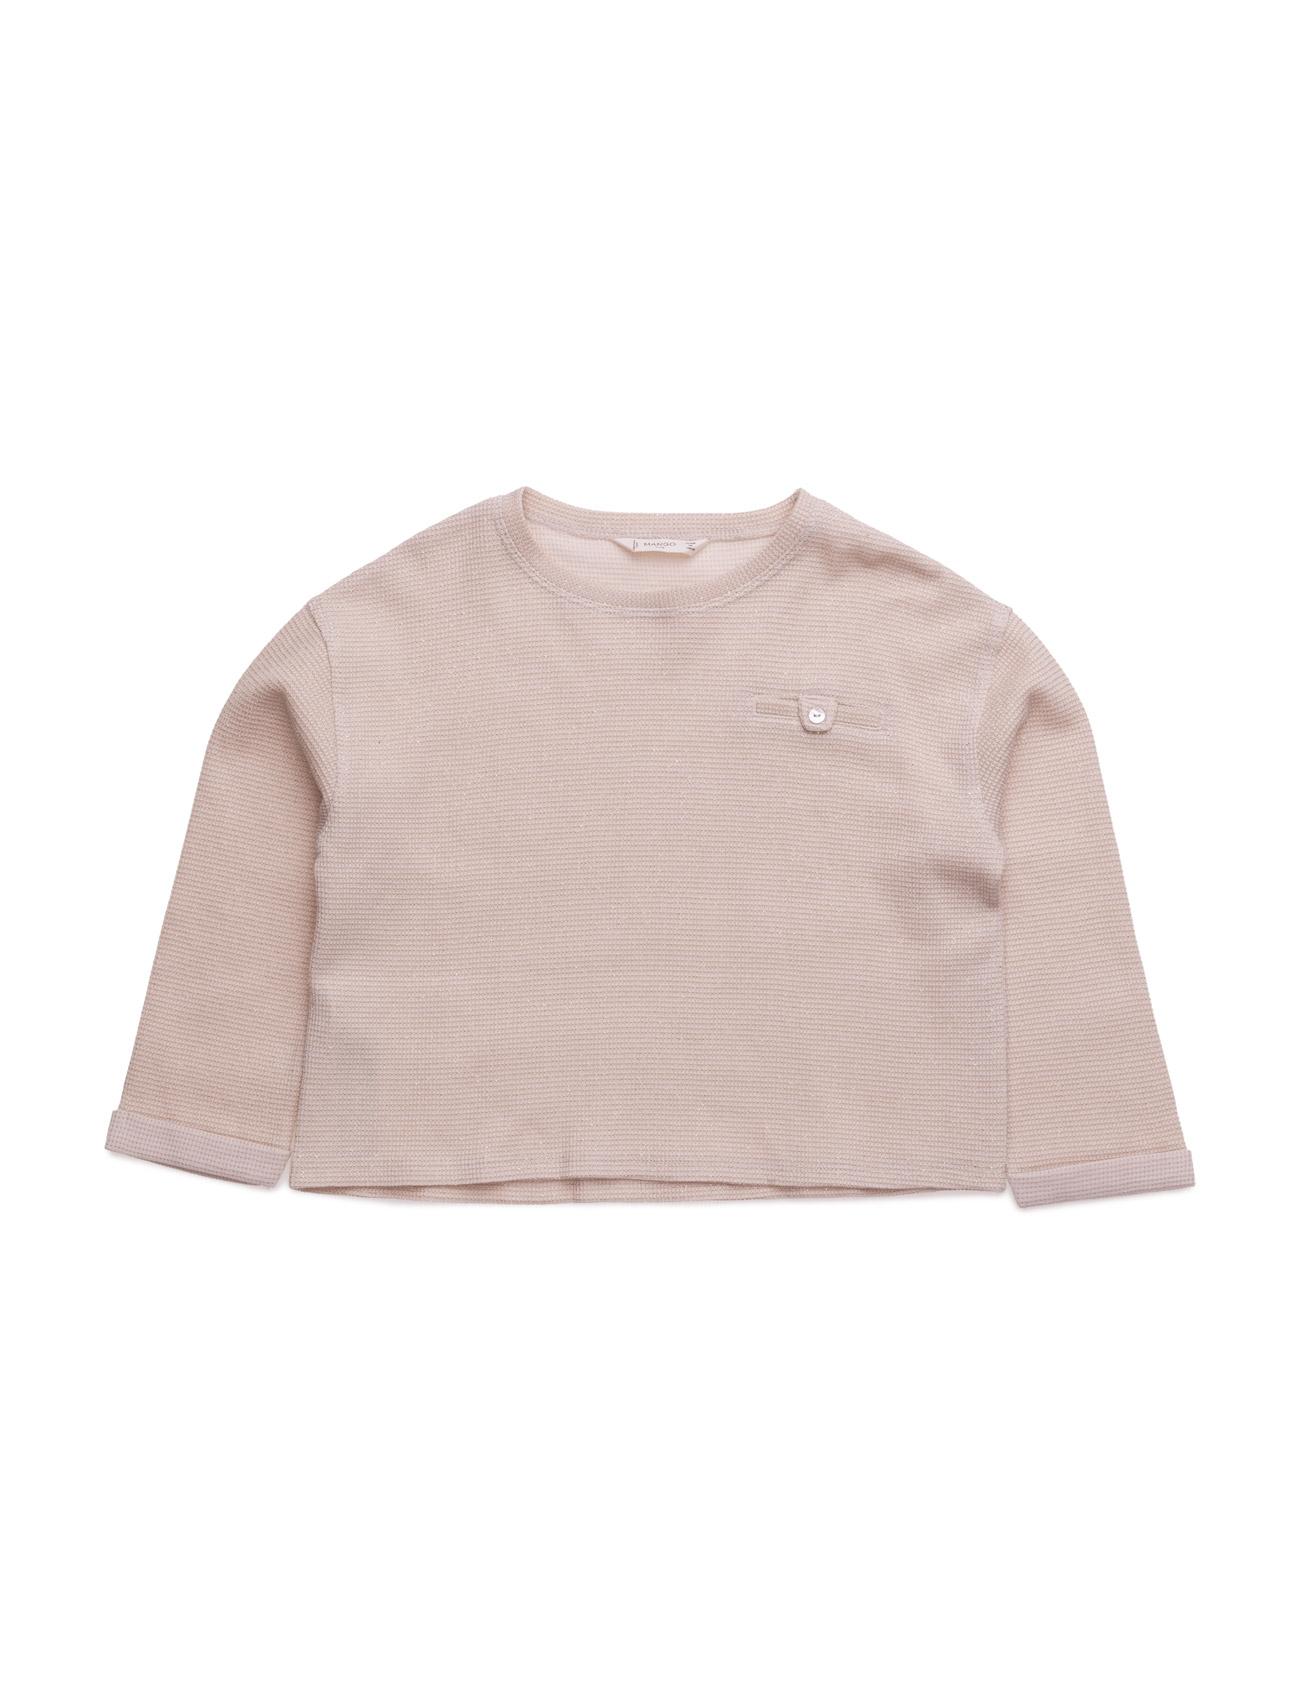 Metallic Cotton-Blend Sweatshirt Mango Kids Langærmede t-shirts til Børn i Light Beige